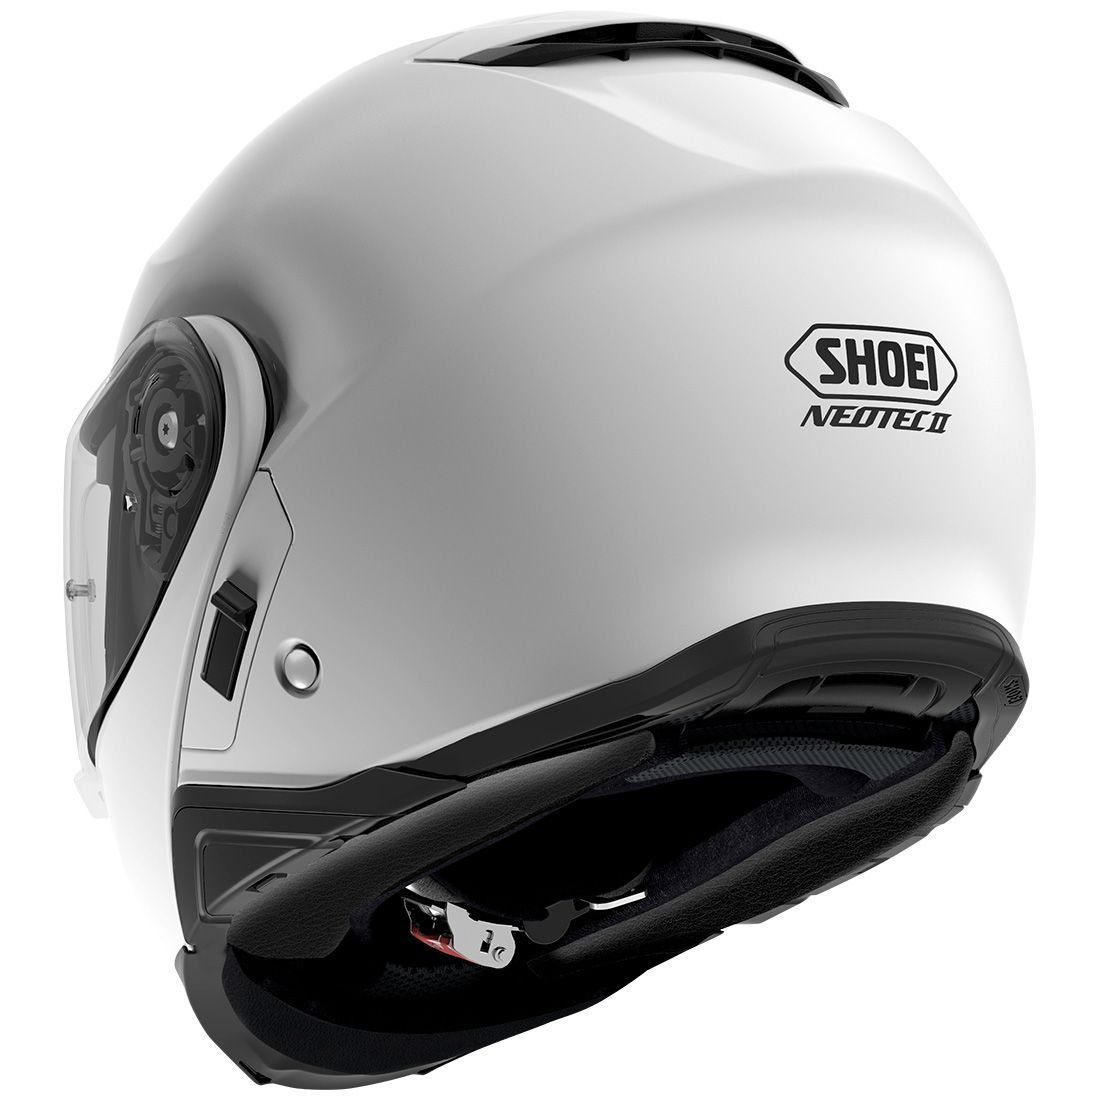 Capacete Shoei Neotec 2 Branco Brilho Escamoteável LANÇAMENTO 2018  - Planet Bike Shop Moto Acessórios